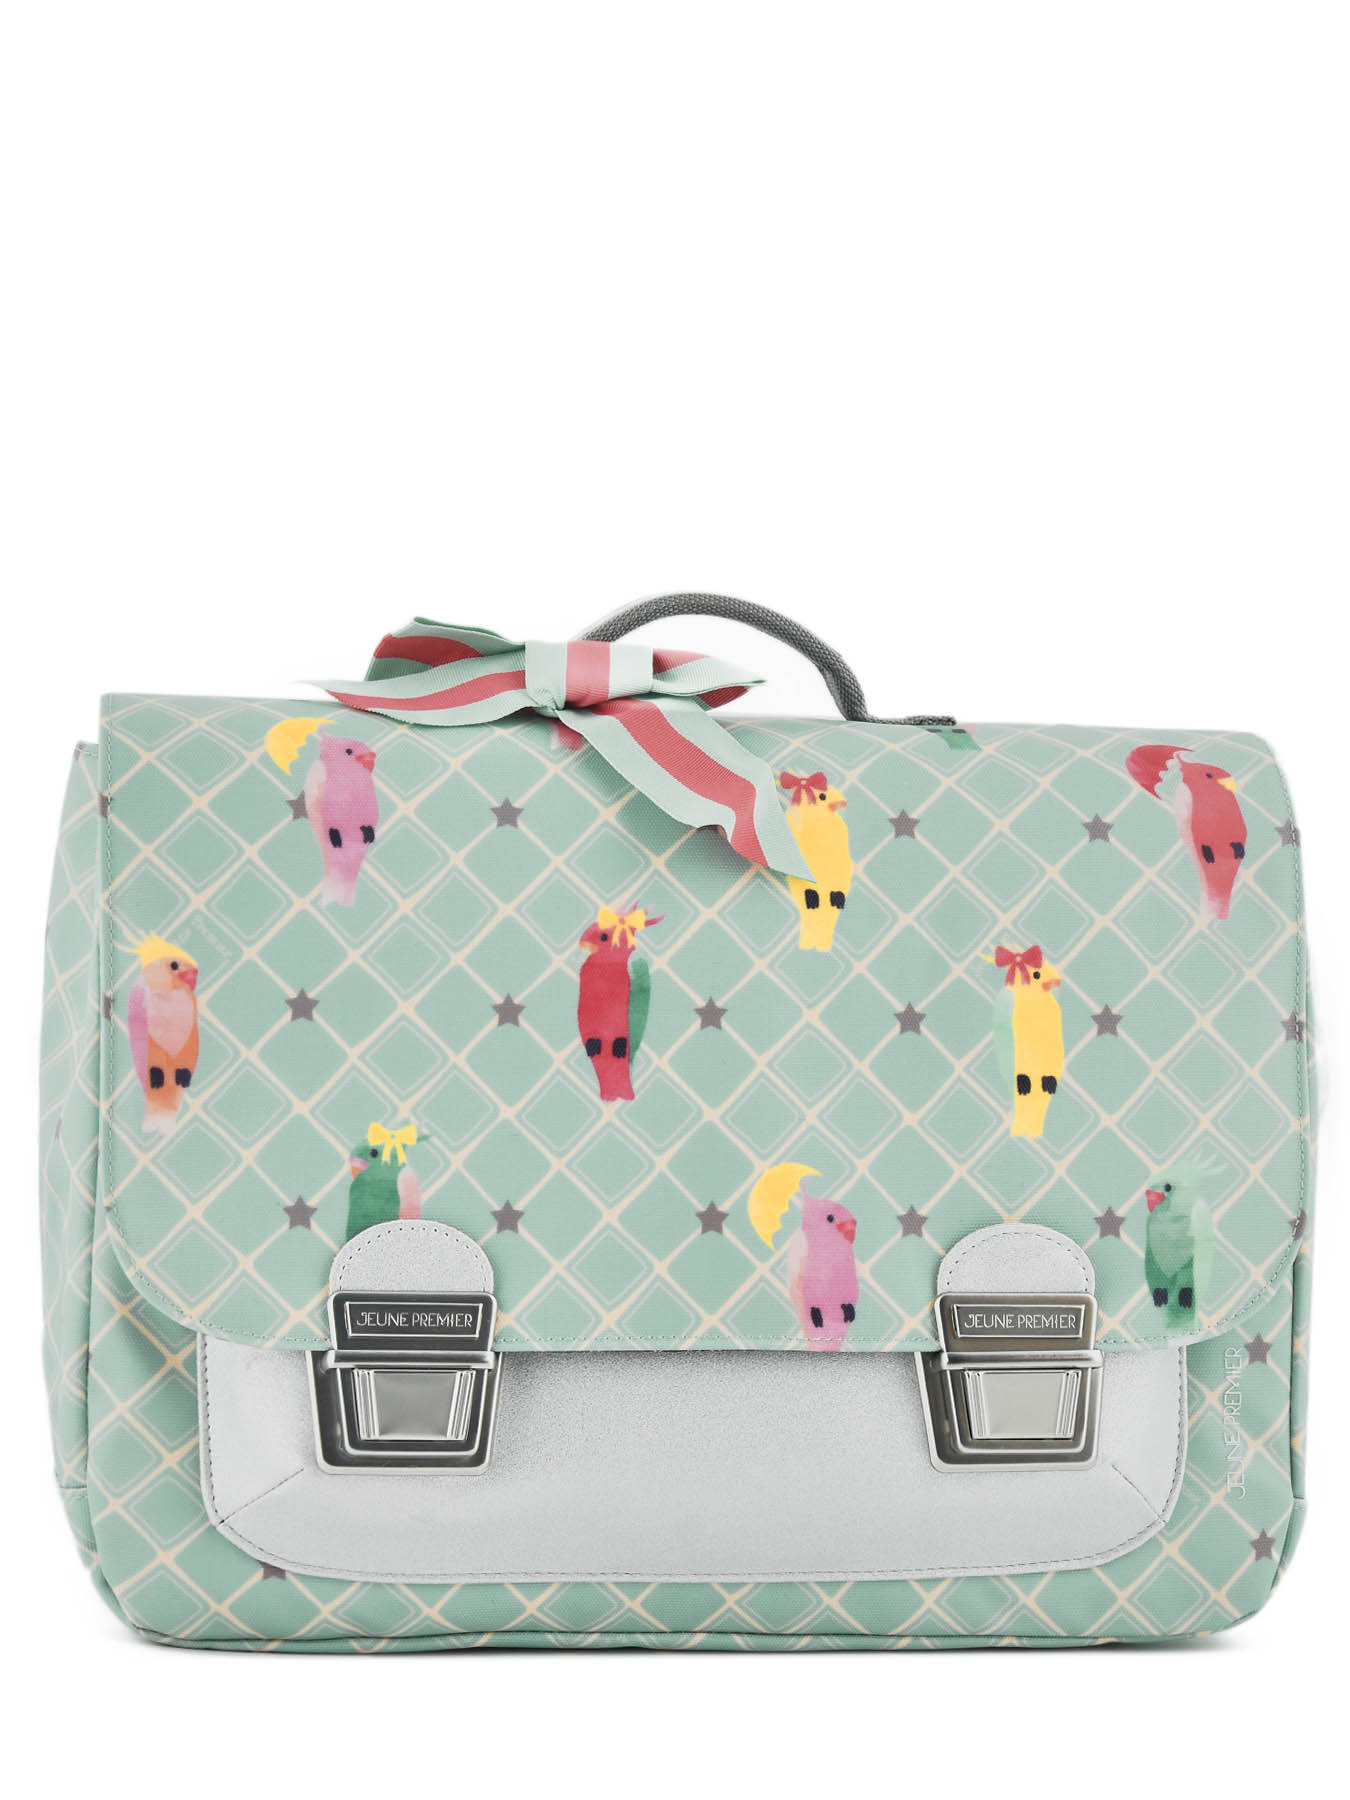 Школьный портфель для девочки Jeune Premier Posh Parrots Попугаи Midi , - фото 3